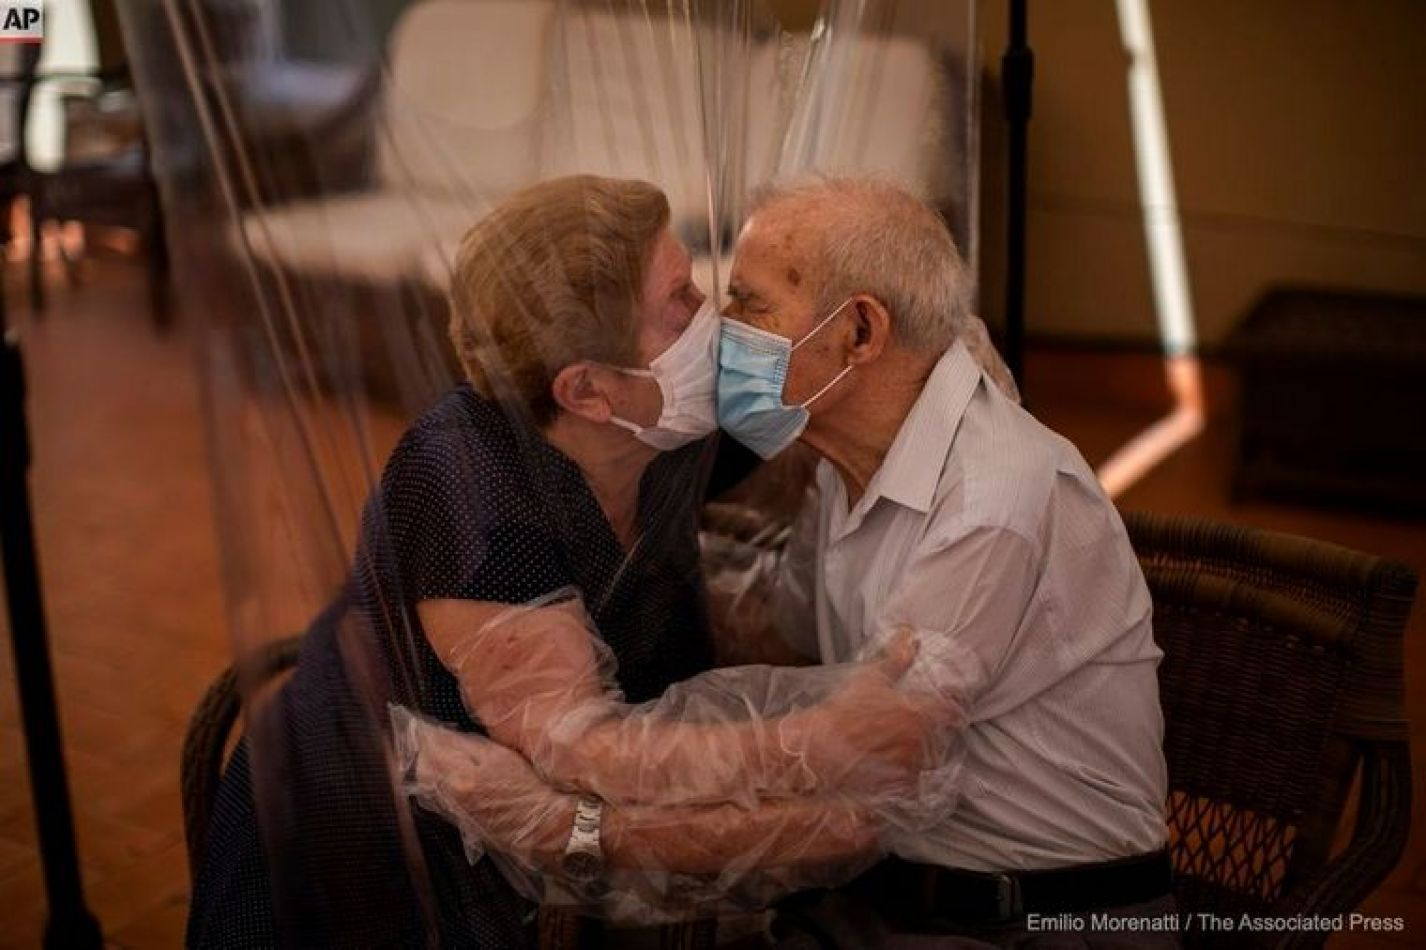 El amor en tiempos del Coronavirus: 102 días para el esperado beso